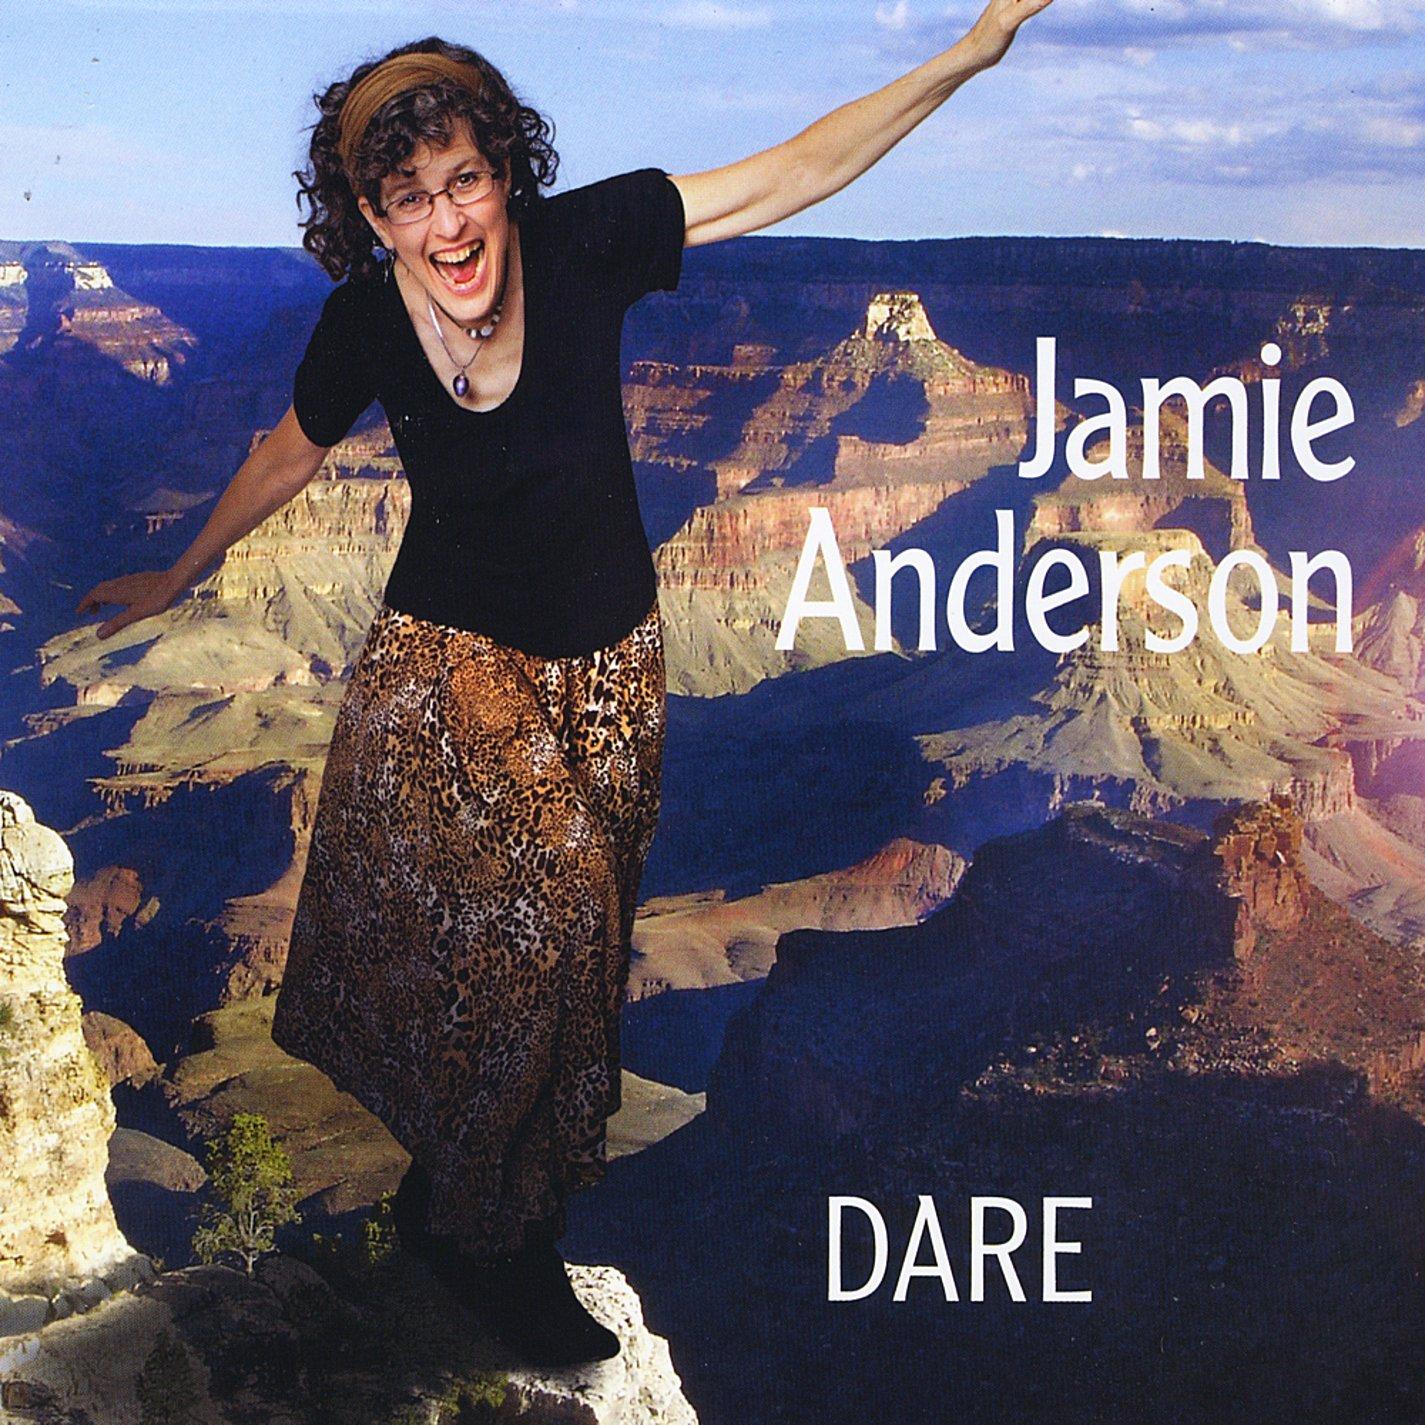 JamieAnderson2.jpg